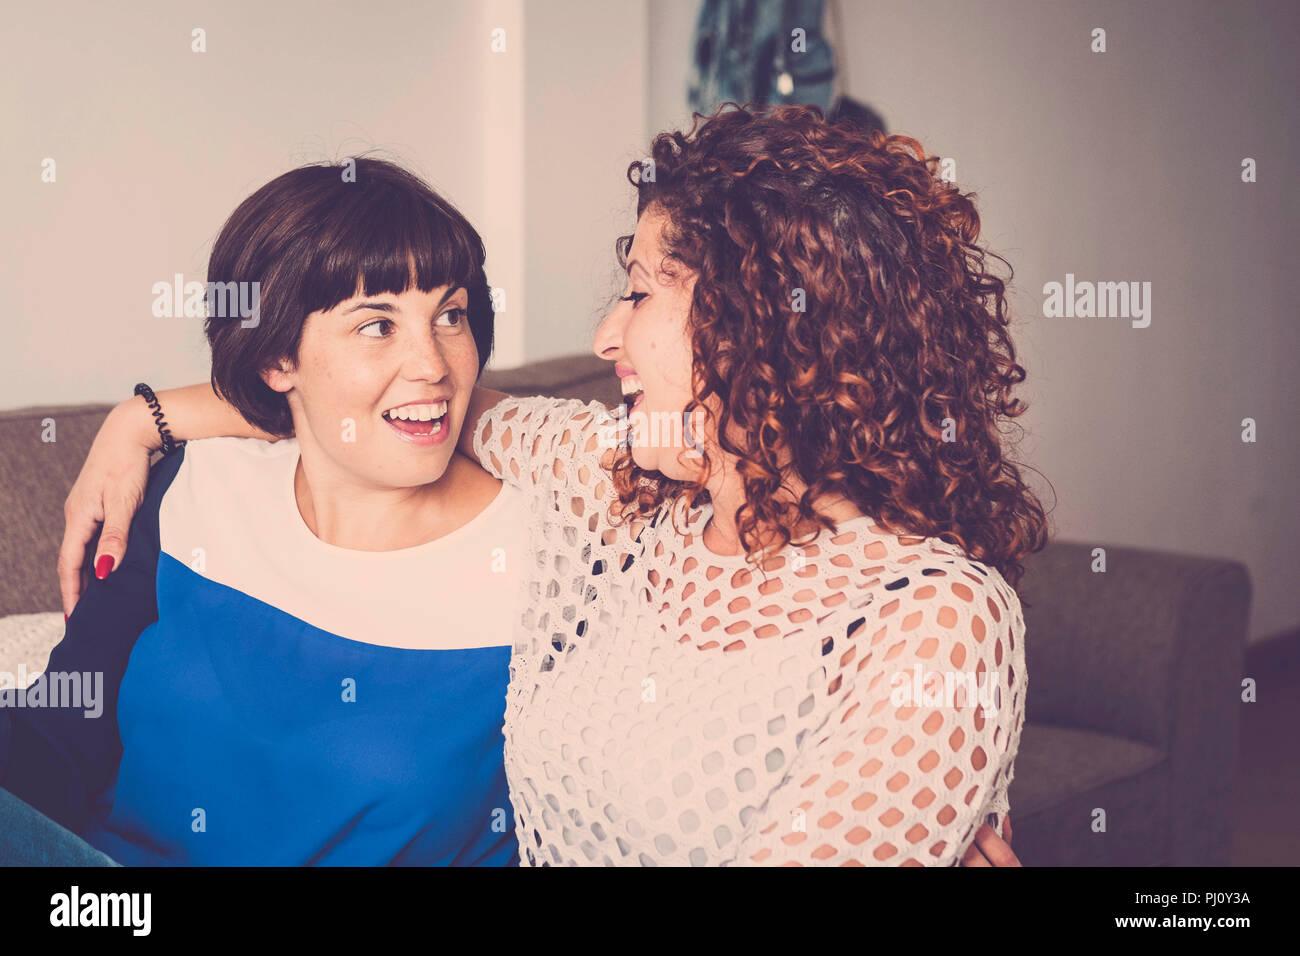 Beau temps et bonheur avec rire et sourire pour deux amis caucasiens fixer ensemble sur le canapé à la maison. L'amitié pour l'intérieur concept photo w Banque D'Images